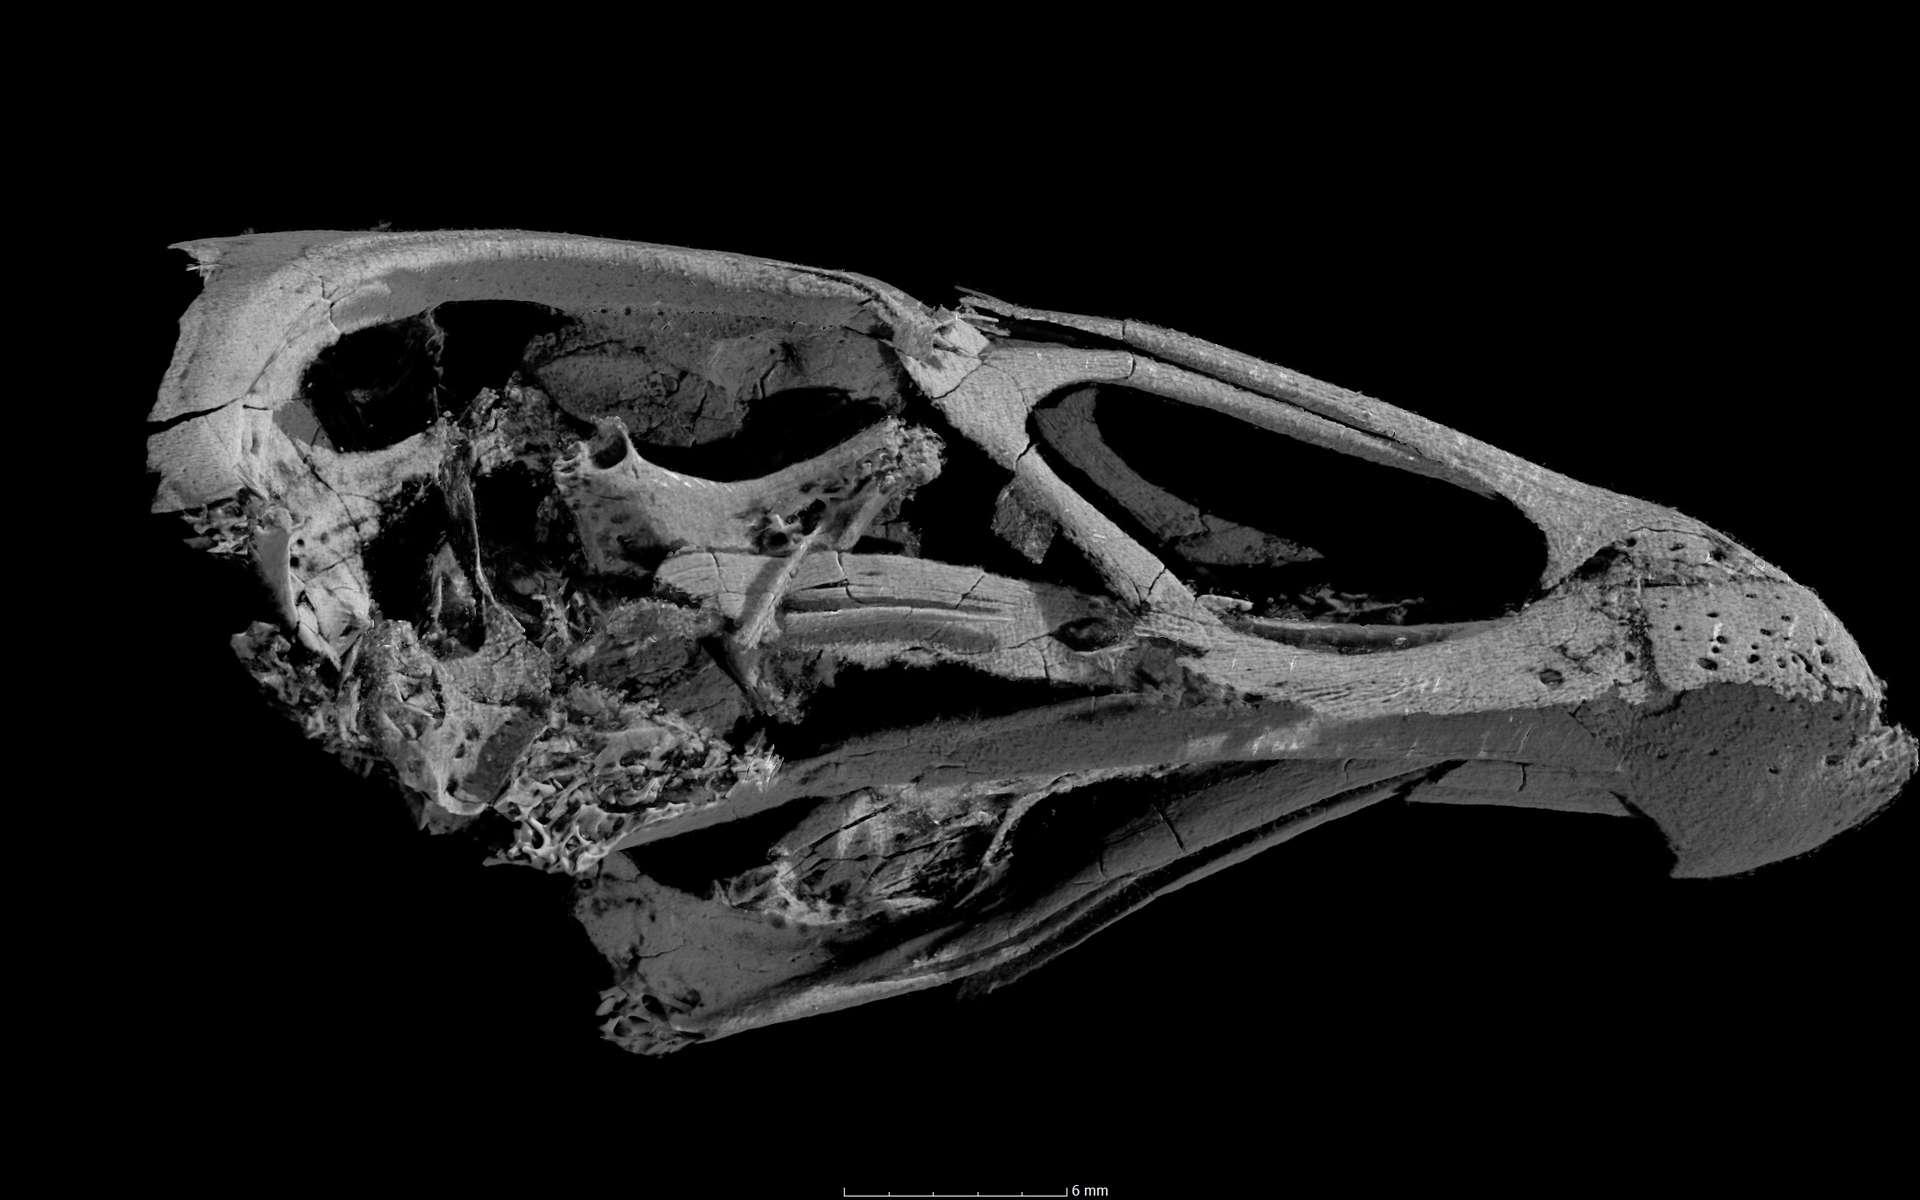 Vue au CT scanner du crâne d'Asteriornis maastrichtensis, l'ancêtre des gallinacés modernes. © Daniel Field, université de Cambridge